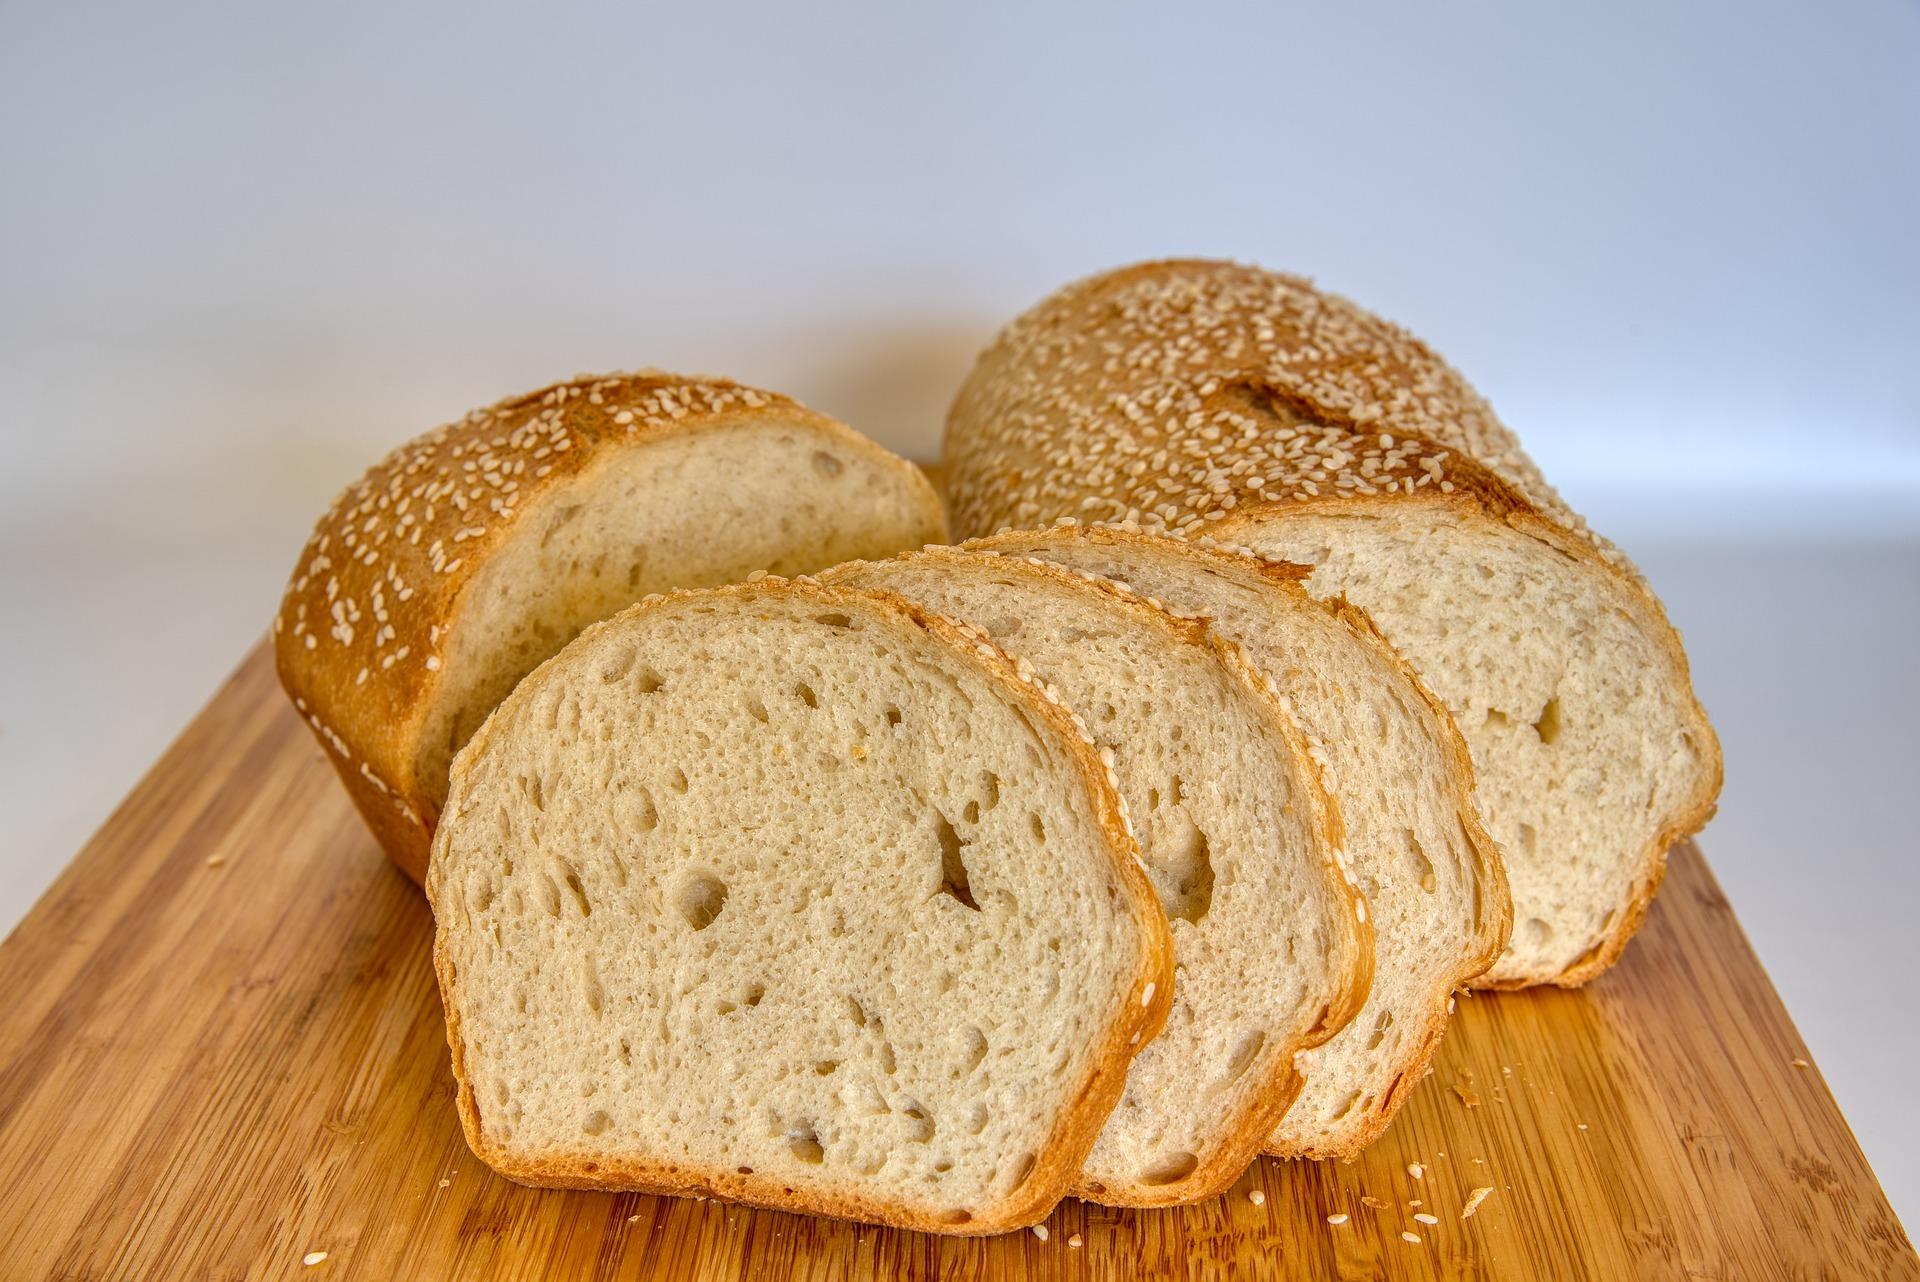 Pan con ajonjolí